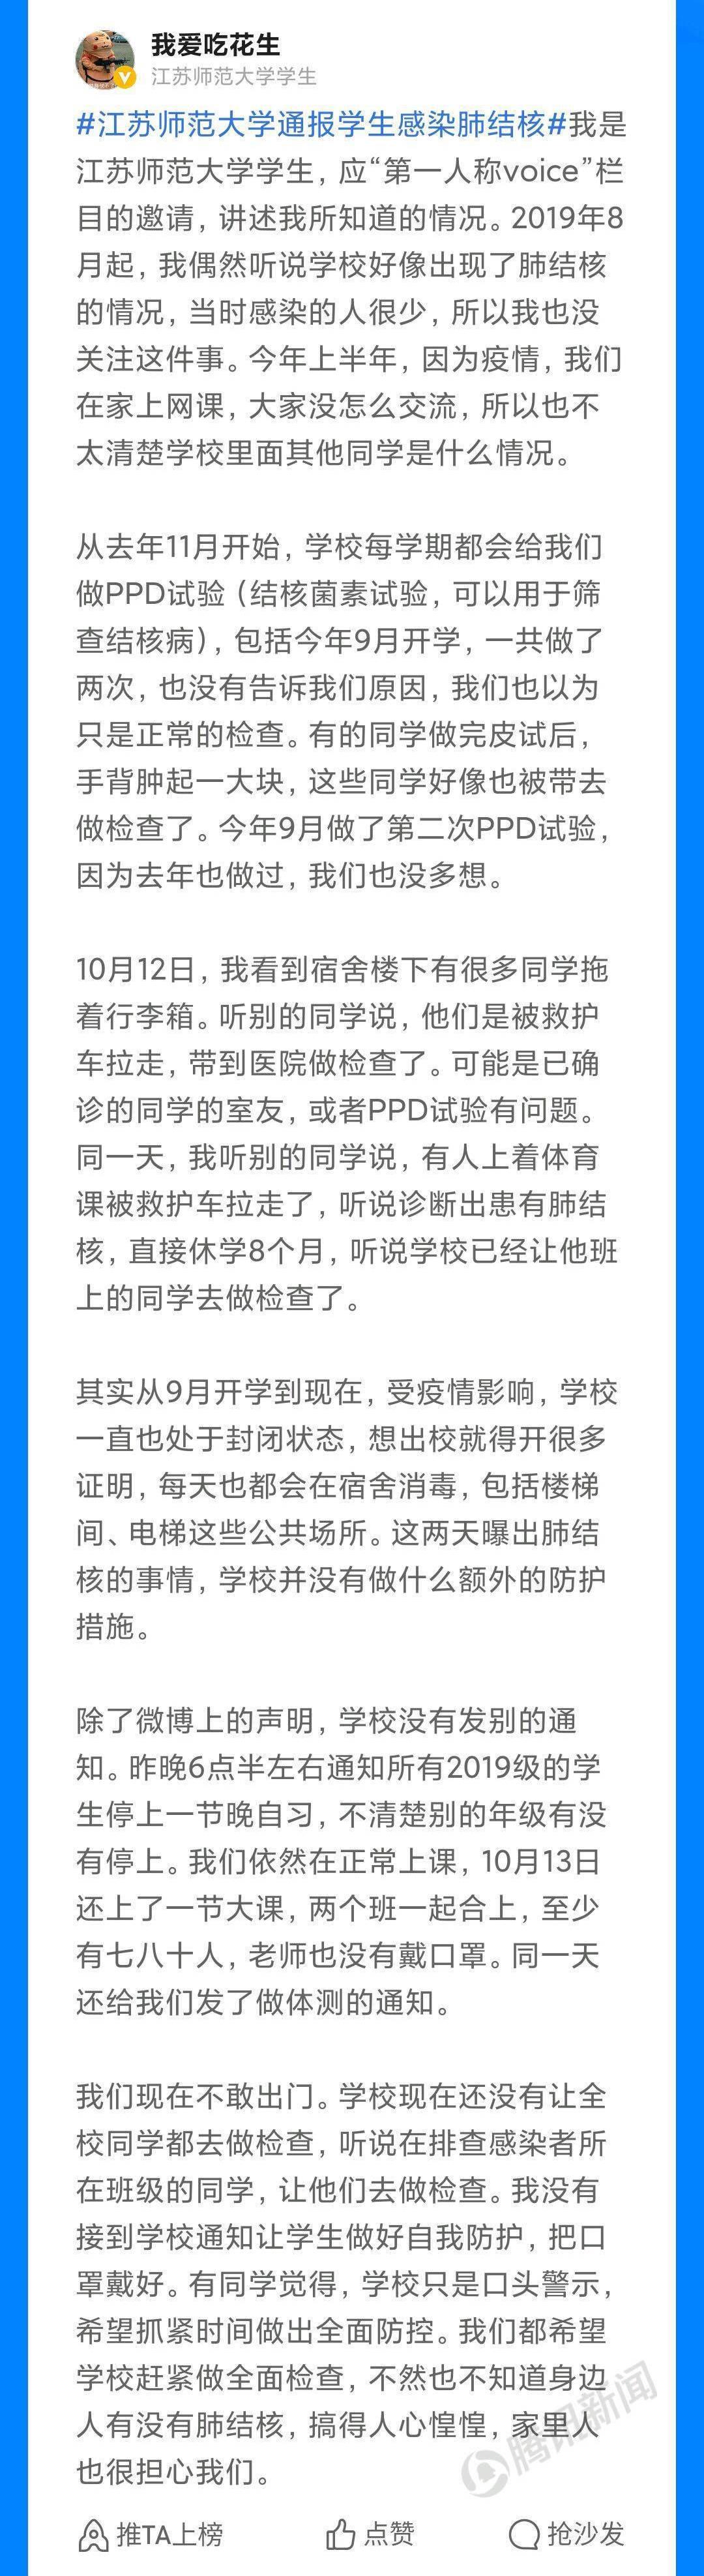 江苏师大学生网曝:确诊学生宿舍已清空,只停了一节晚自习